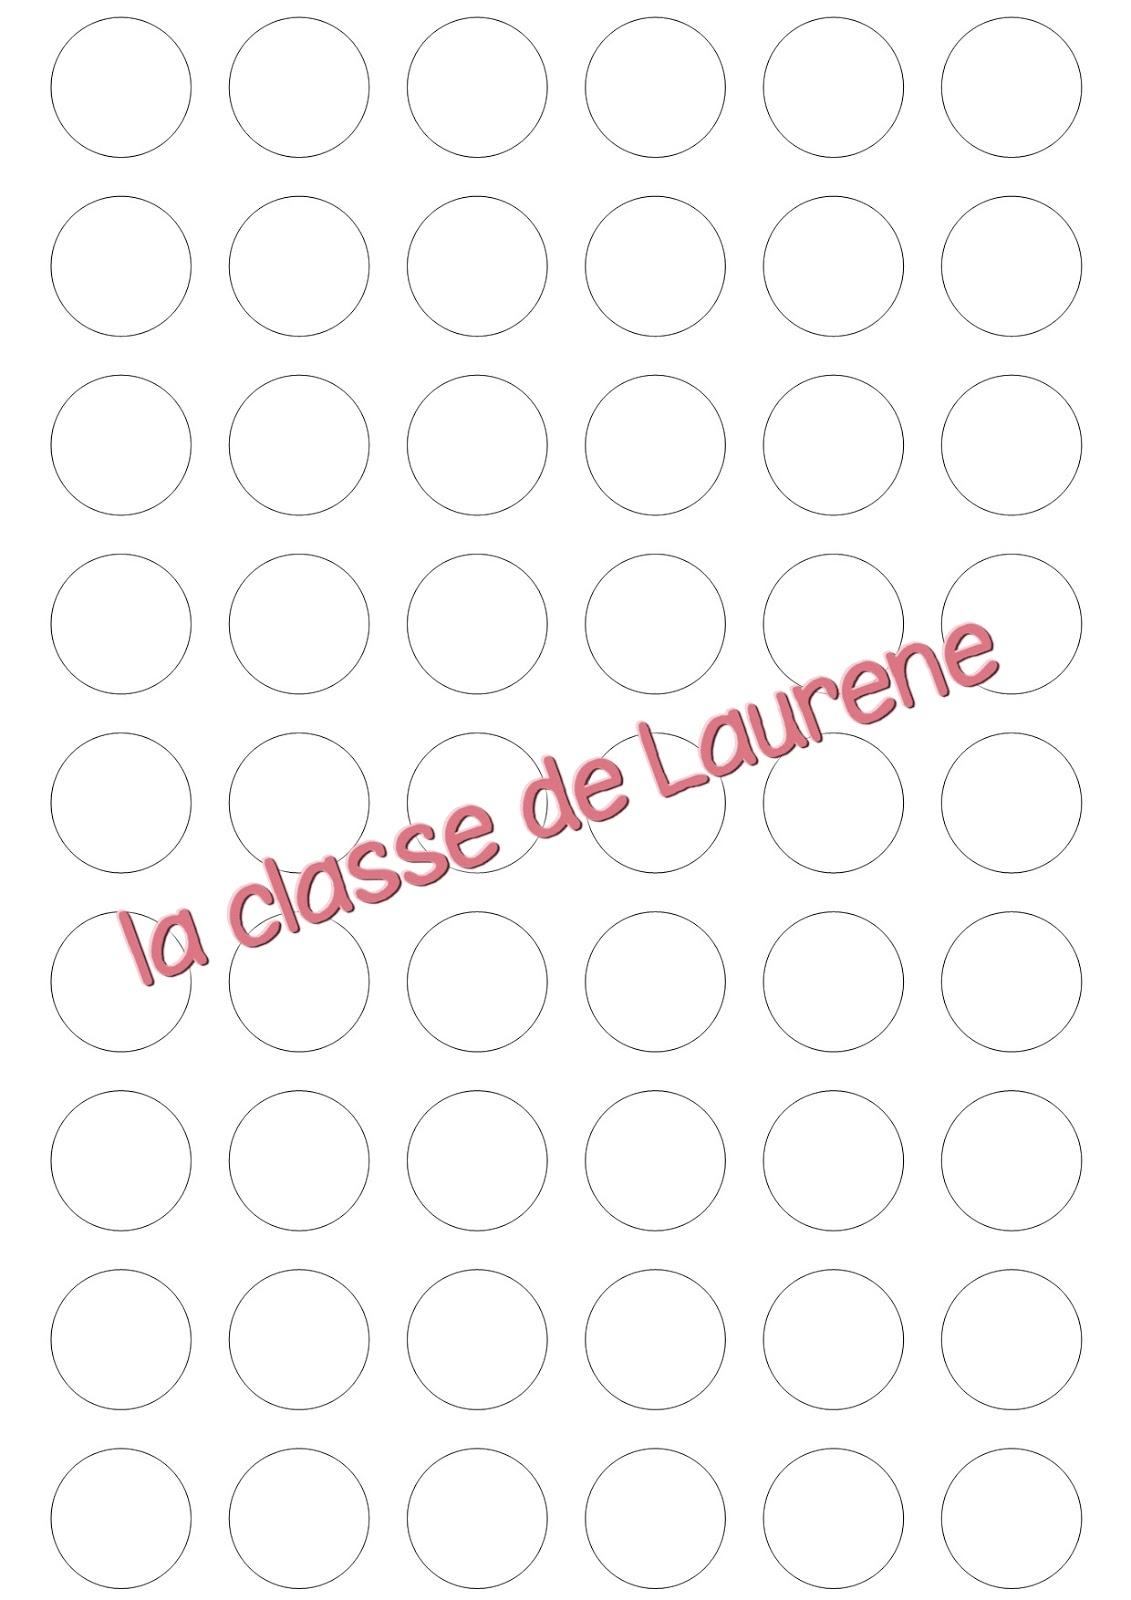 La maternelle de laur ne fiches color do for La table de laurene